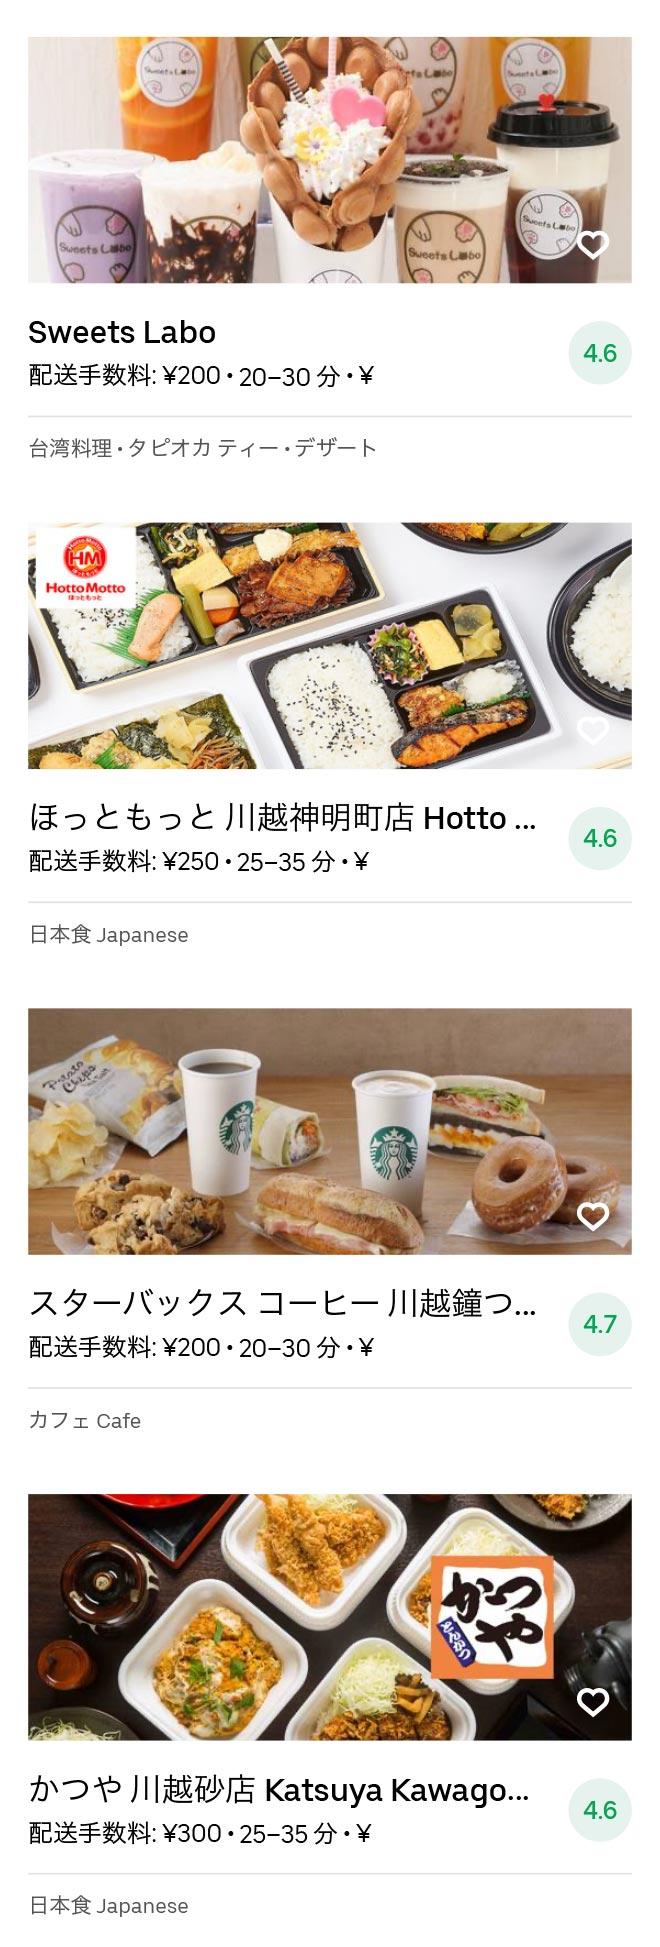 Kawagoeshi menu 2008 04